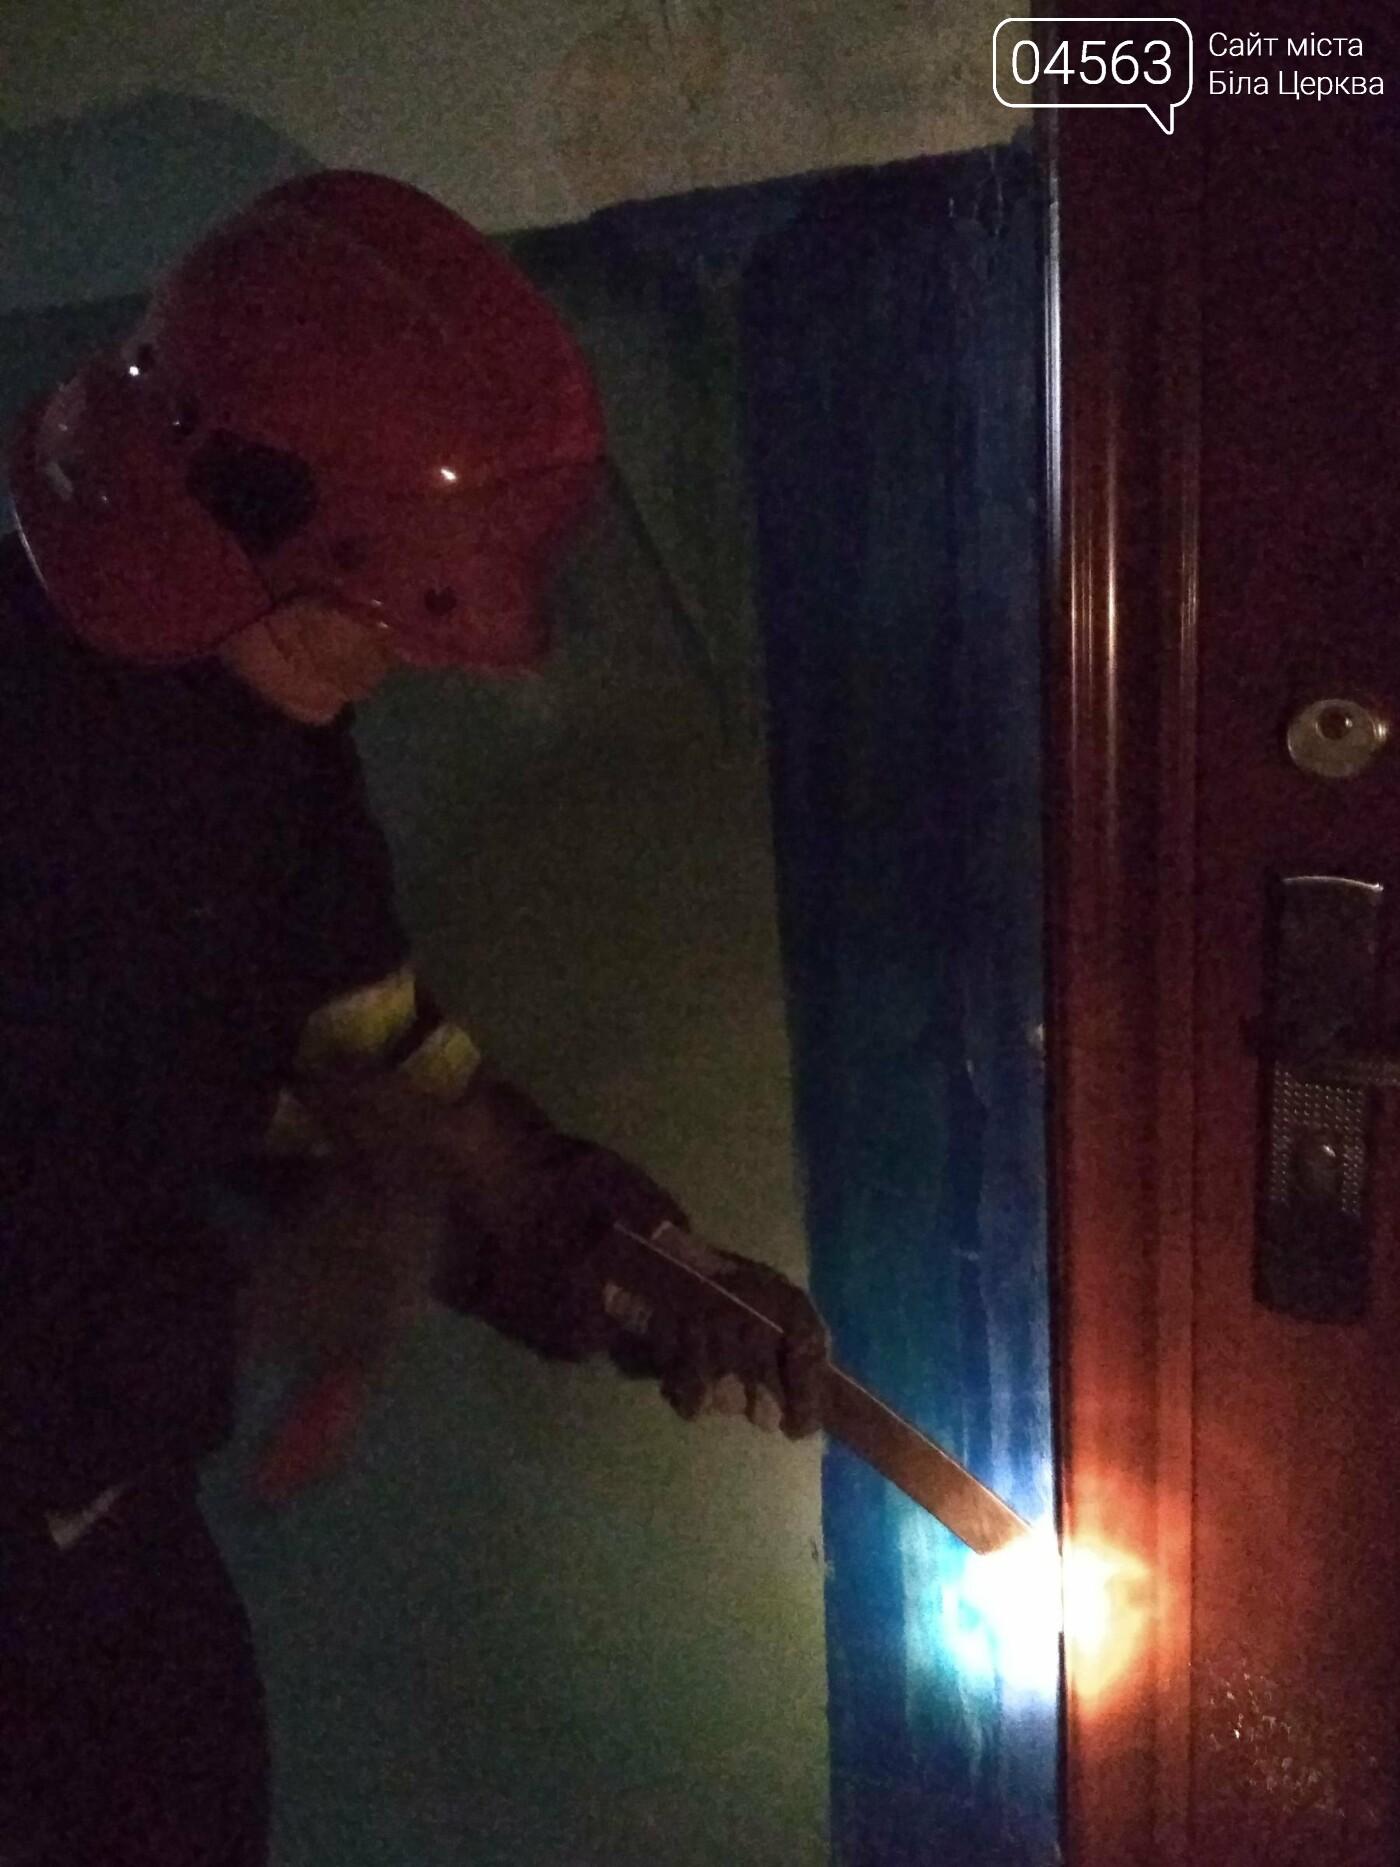 В Білій Церкві рятувальники допомогли жінці з дітьми потрапити до квартири, фото-1